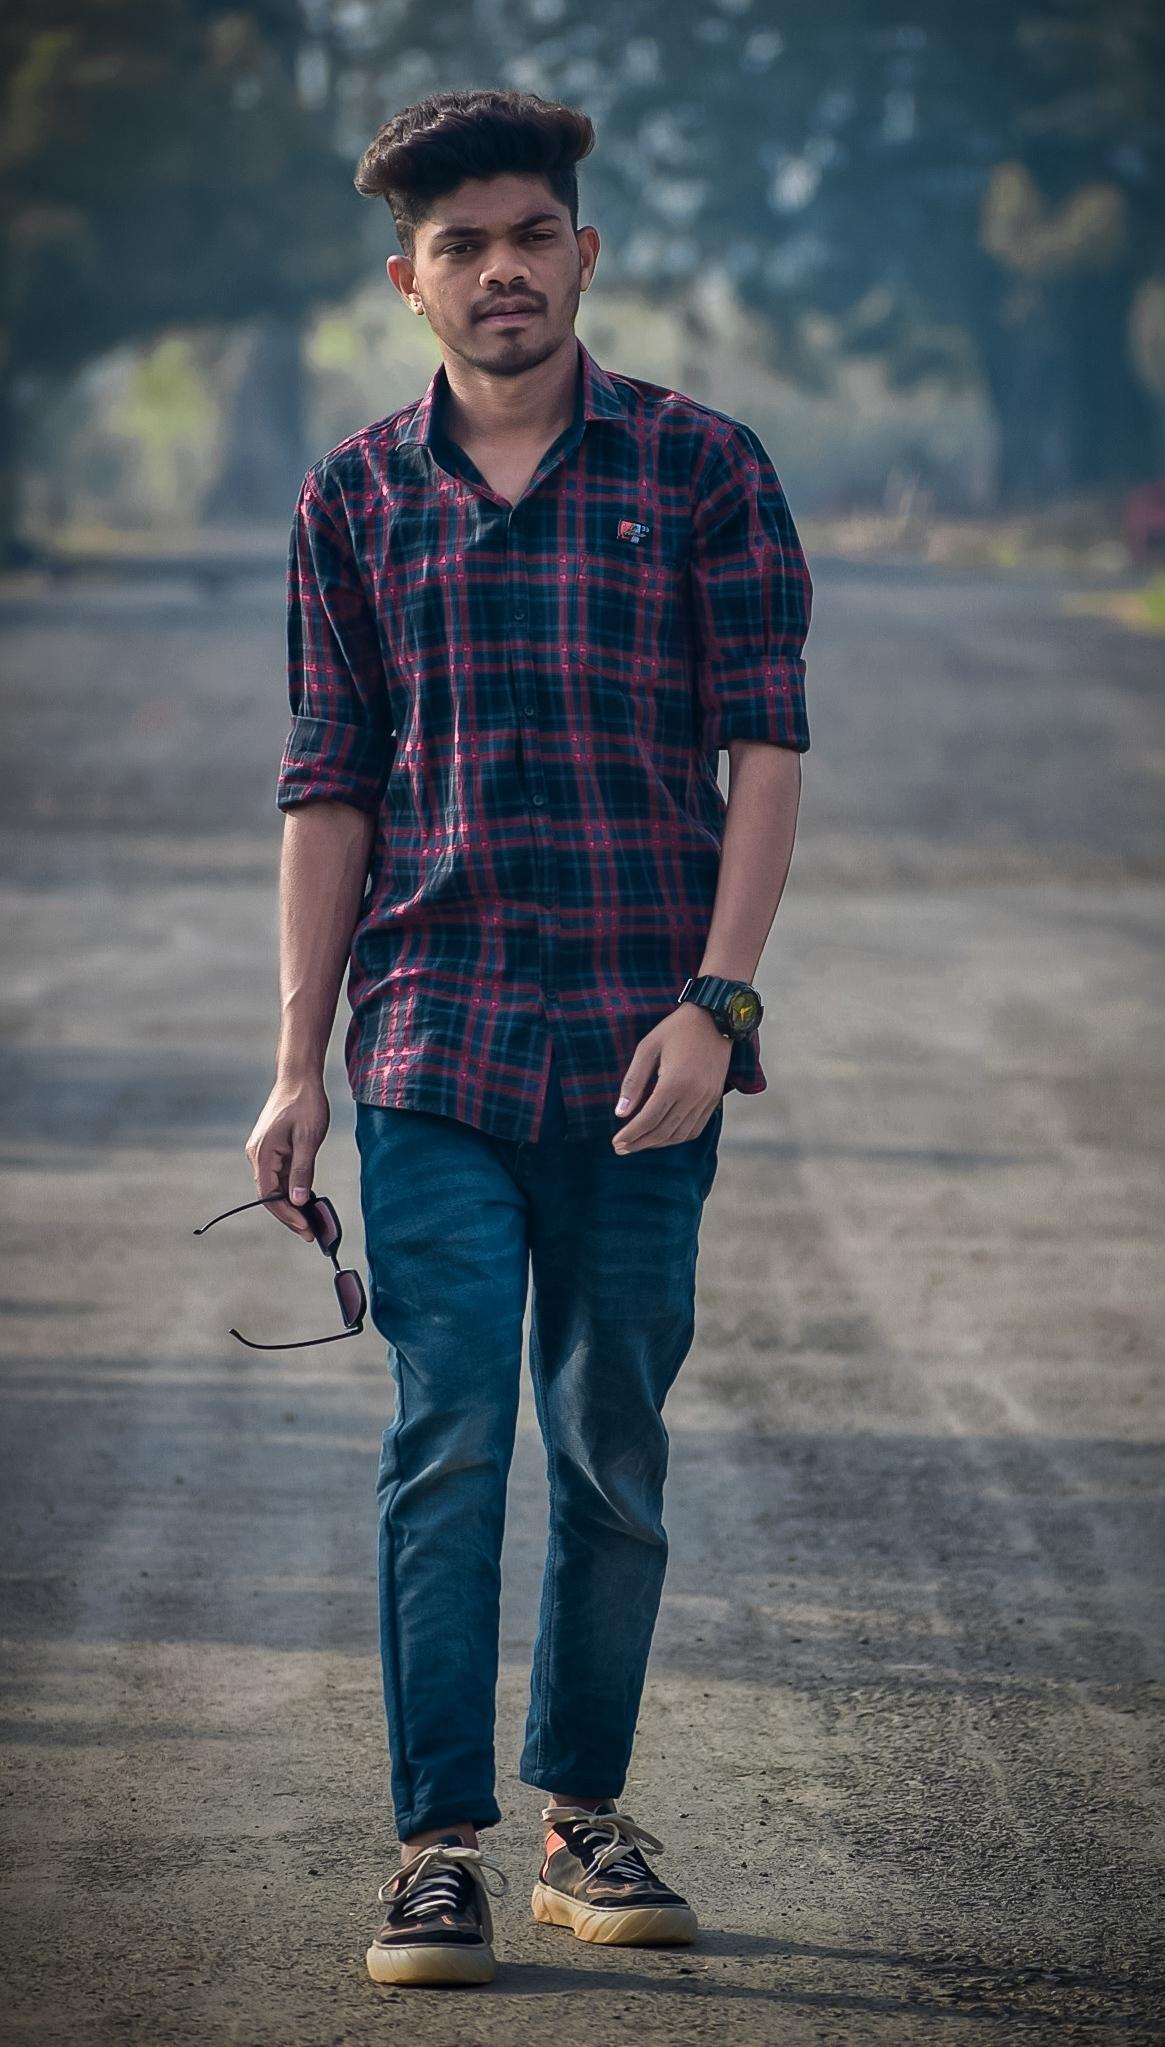 A male model